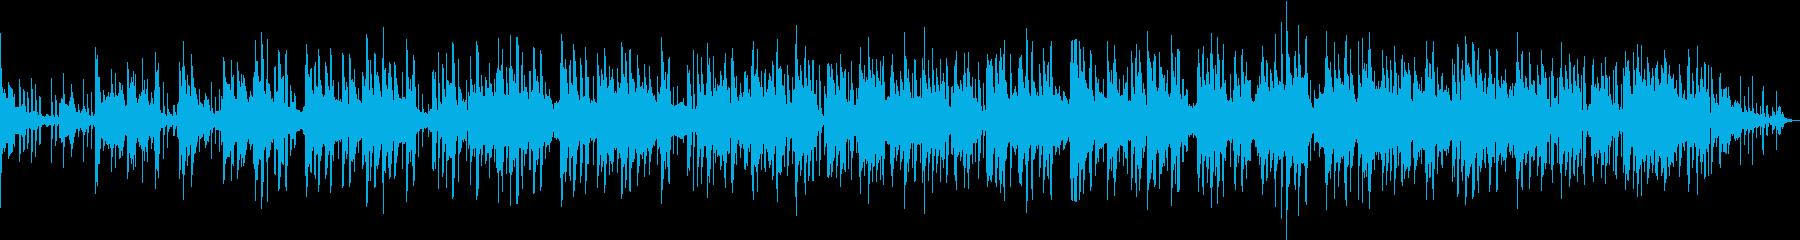 お洒落なクロスオーバーの再生済みの波形